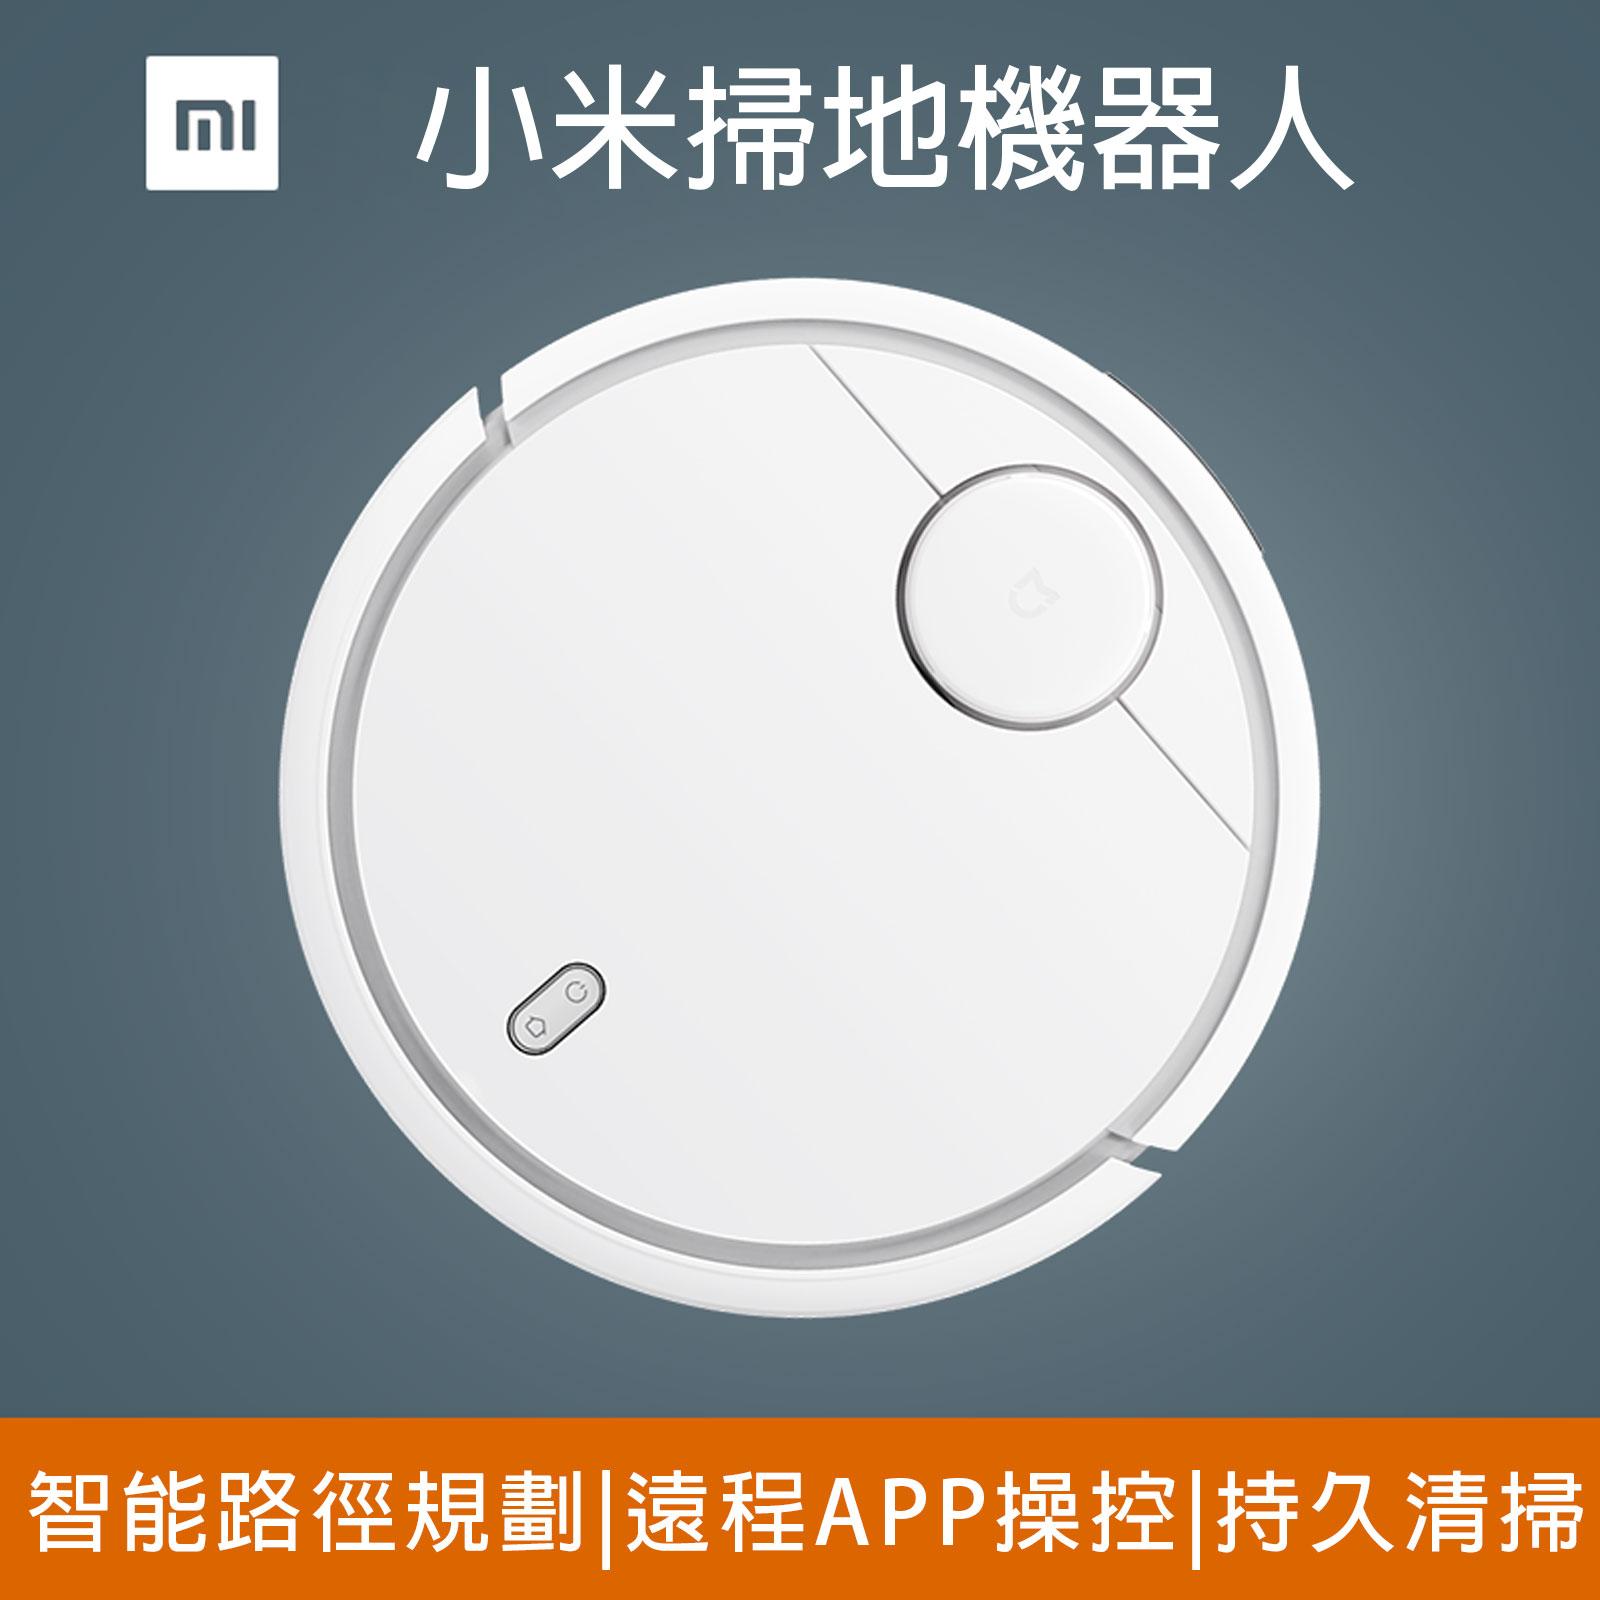 【限郵寄宅配】小米掃地機器人 原廠公司貨 吸塵機【O3335】☆雙兒網☆ 自動静音 非iRobot Neato Roomba 2